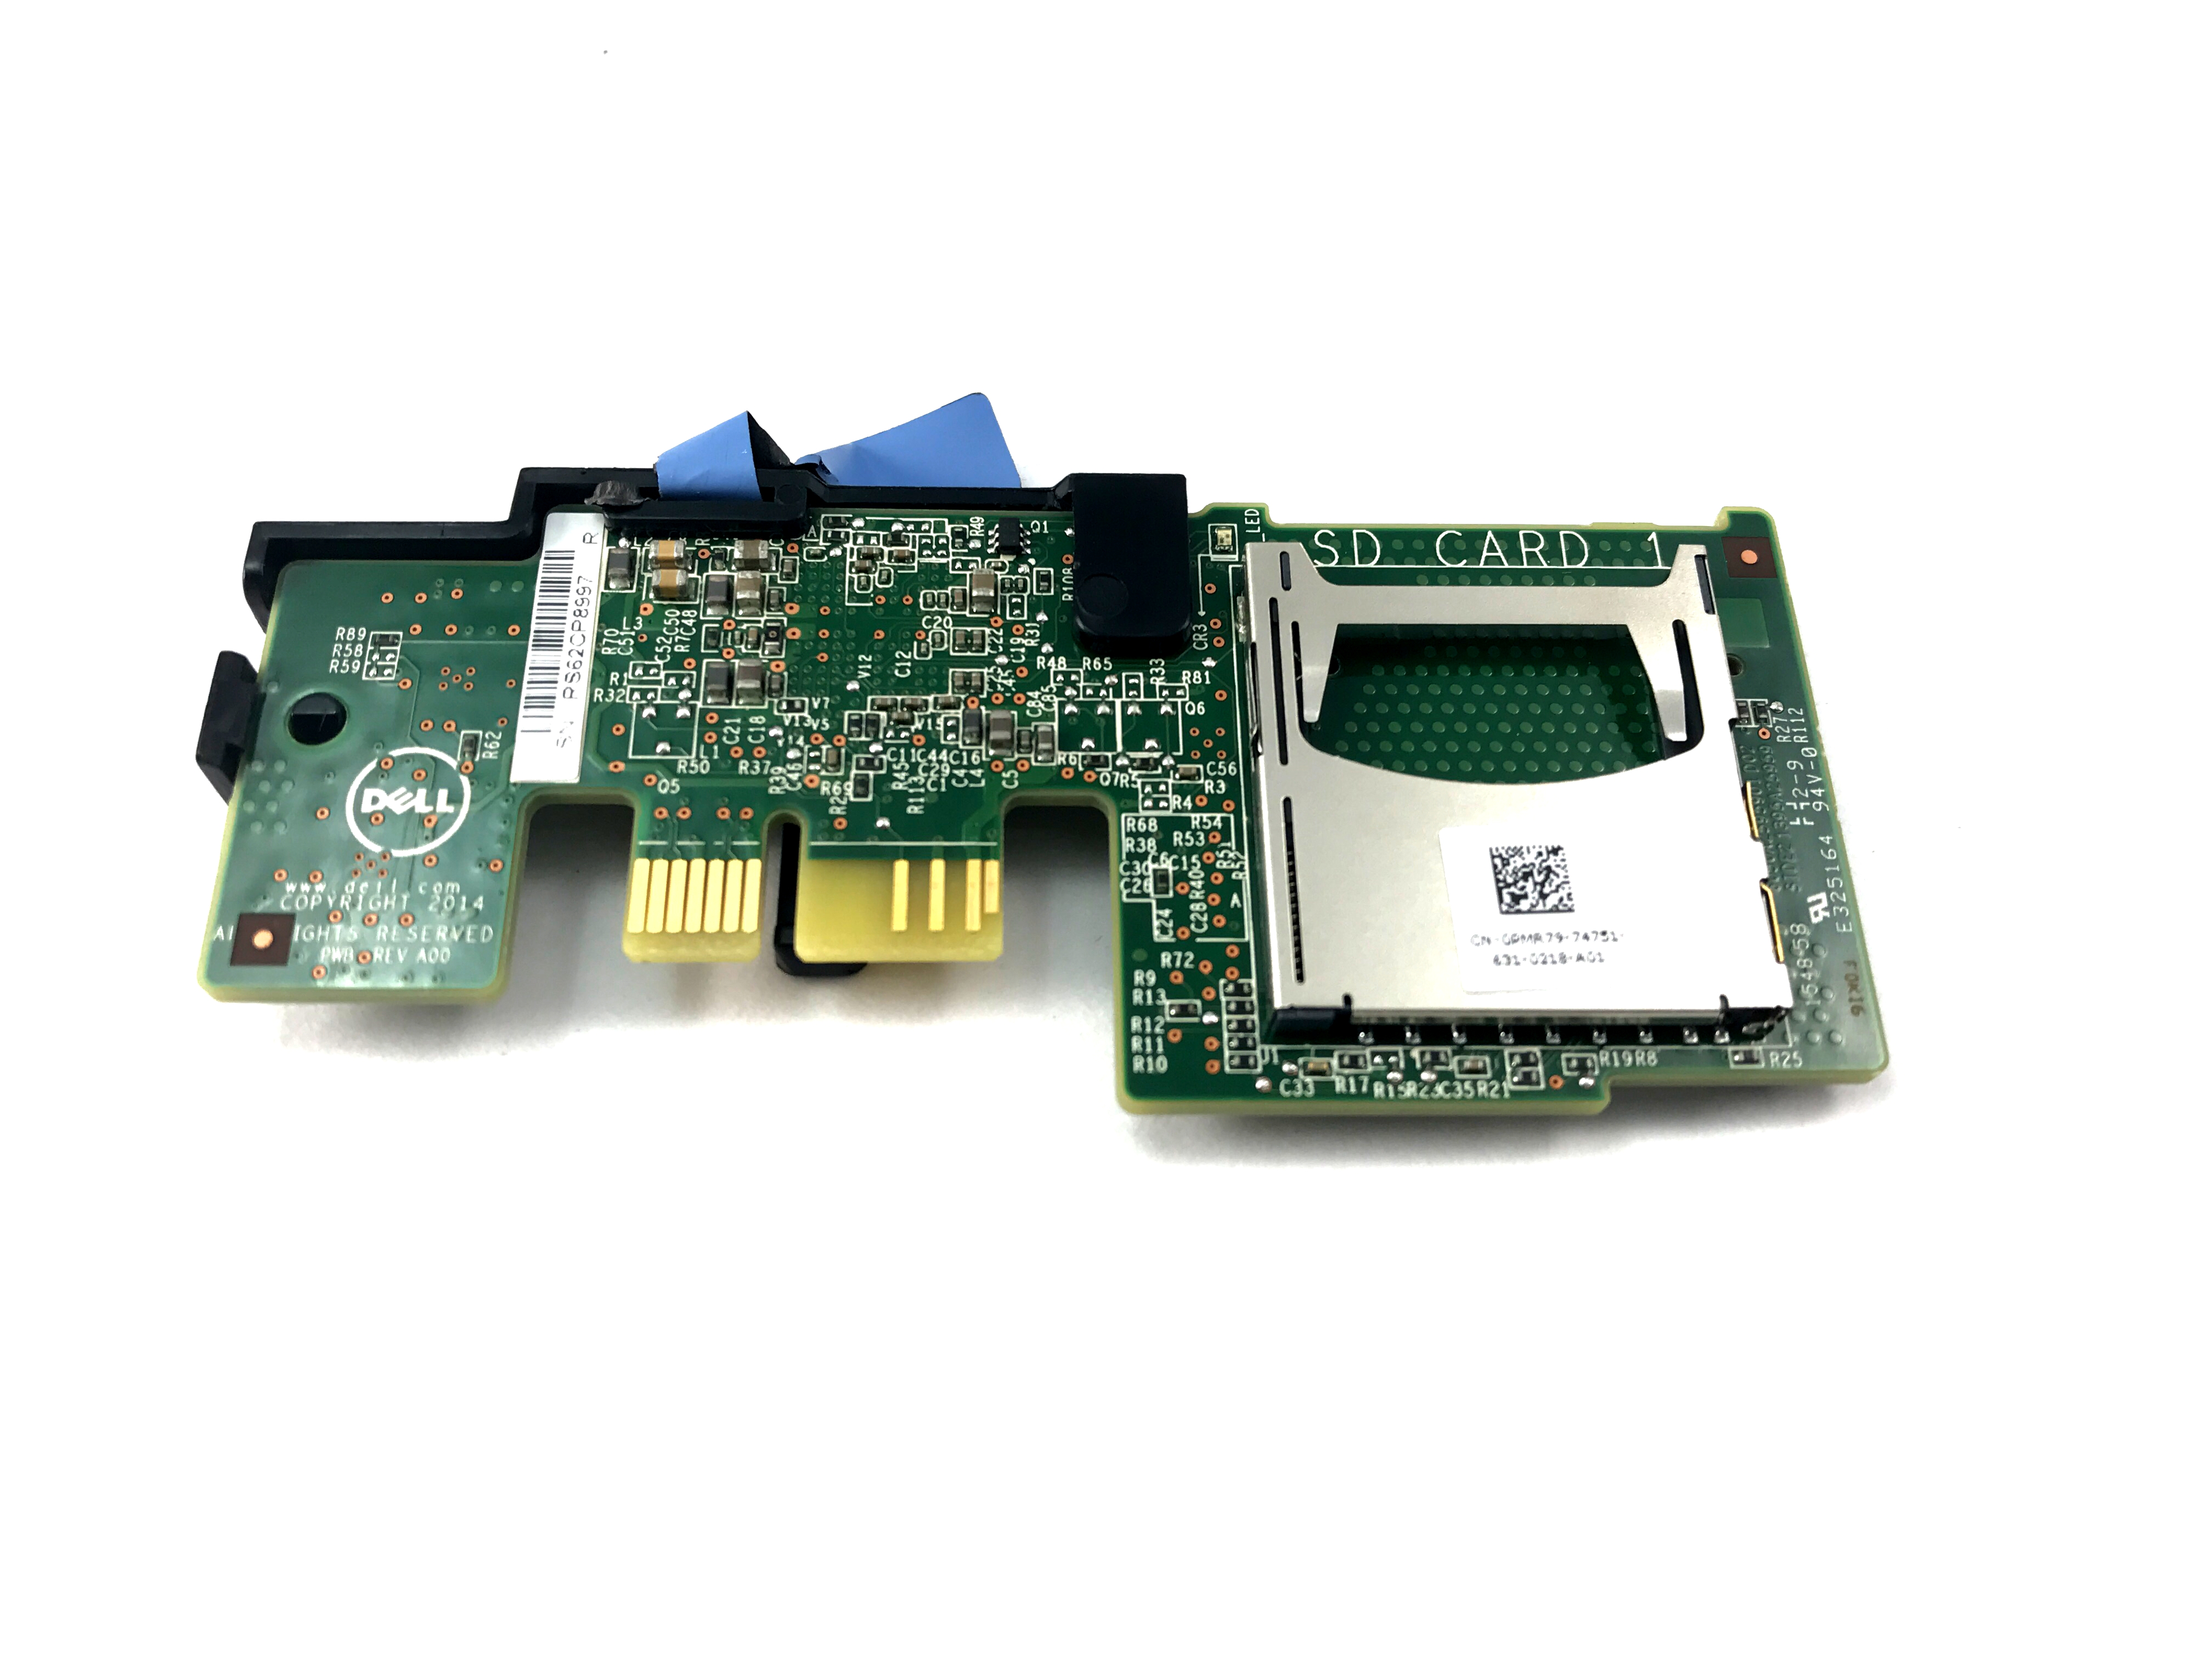 DELL DUAL SD CARD MODULE FOR POWEREDGE R330 R430 R530 R630 R730 (PMR79)